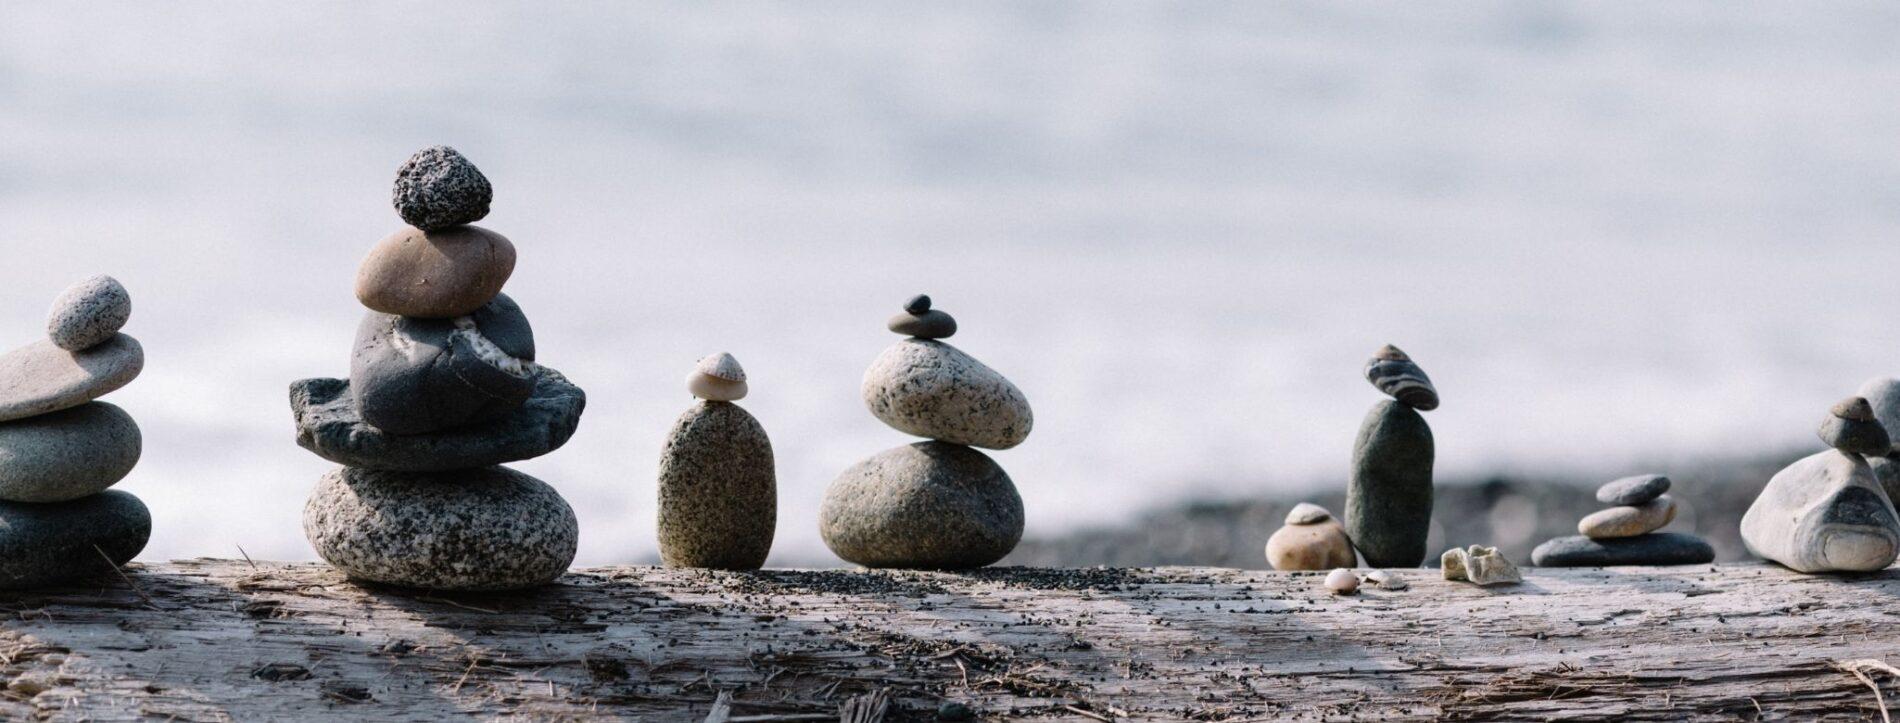 Foto di pietre messe in equilibrio una sopra l'altra